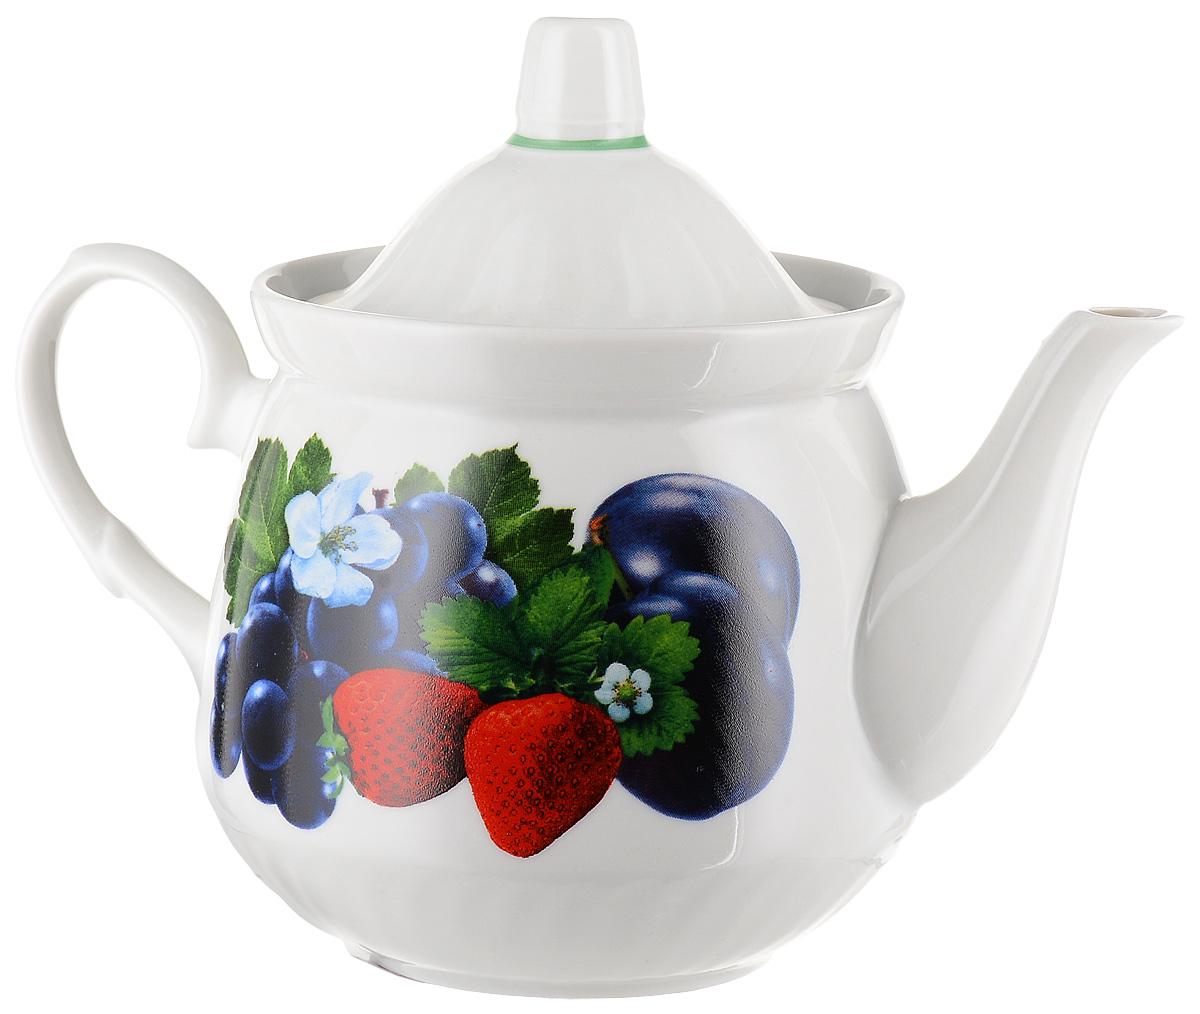 Чайник заварочный Кирмаш. Ассорти, 550 мл. 13039541303954_арбузЗаварочный чайник Кирмаш. Ассорти изготовлениз высококачественного фарфора. Изделие оформлено ярким рисунком. Такой чайникидеально подойдет для заваривания чая. Онхорошо держит температуру, что способствуетболееполному раскрытию цвета, аромата и вкуса чайногобукета. Изделие прекрасно дополнит сервировку стола кчаепитию и станет его неизменным атрибутом. Диаметр (по верхнему краю): 10 см.Высота чайника (без учета крышки): 10,5 см.